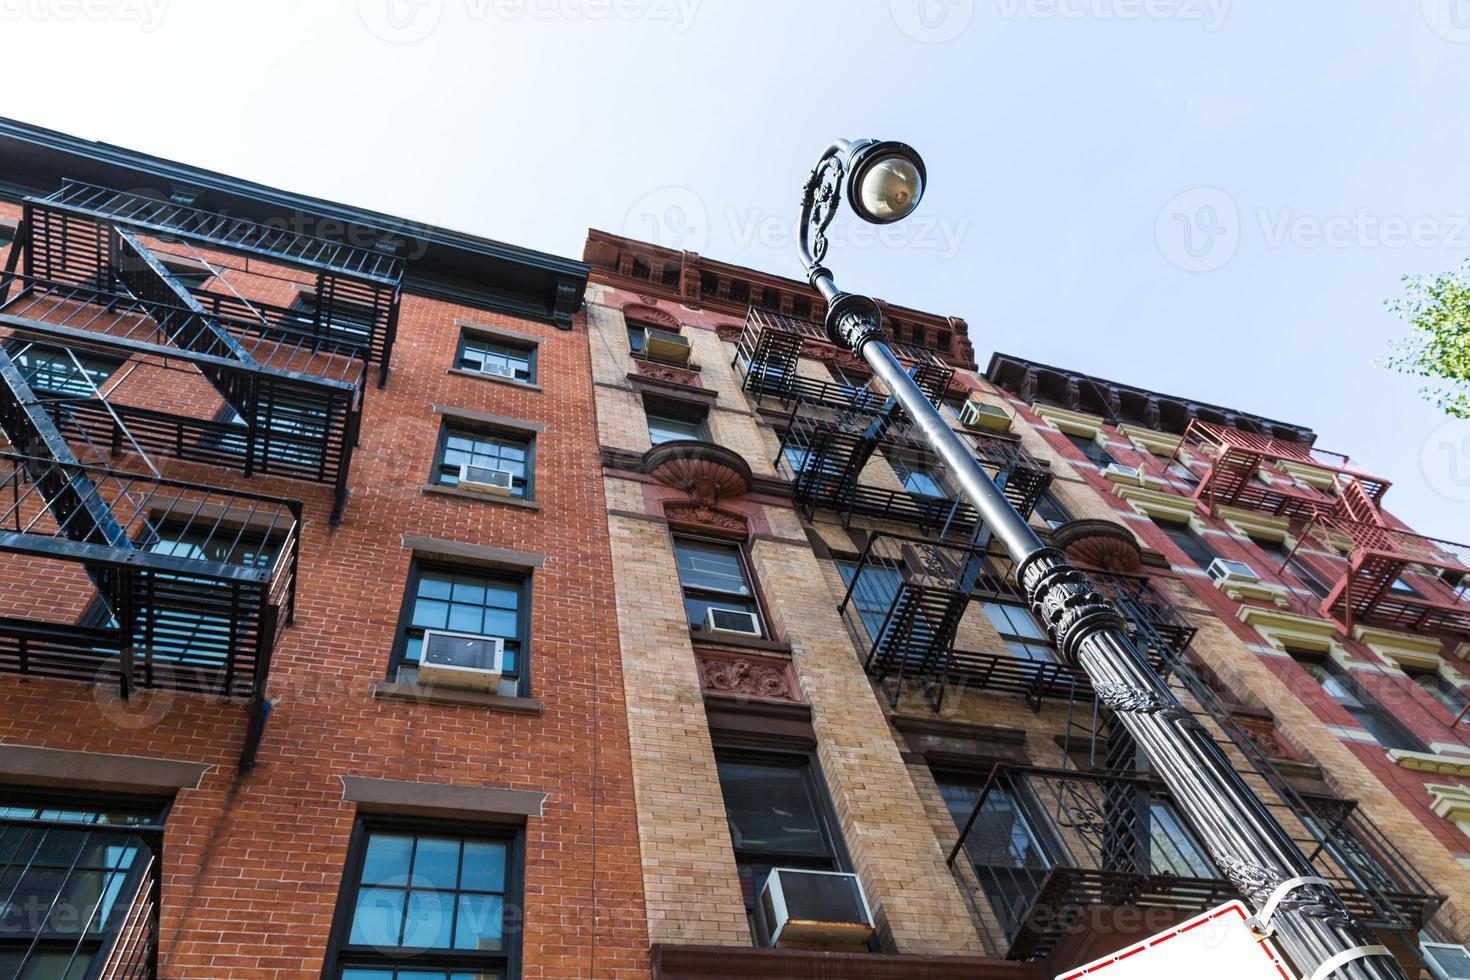 västby i new york manhattan byggnader foto